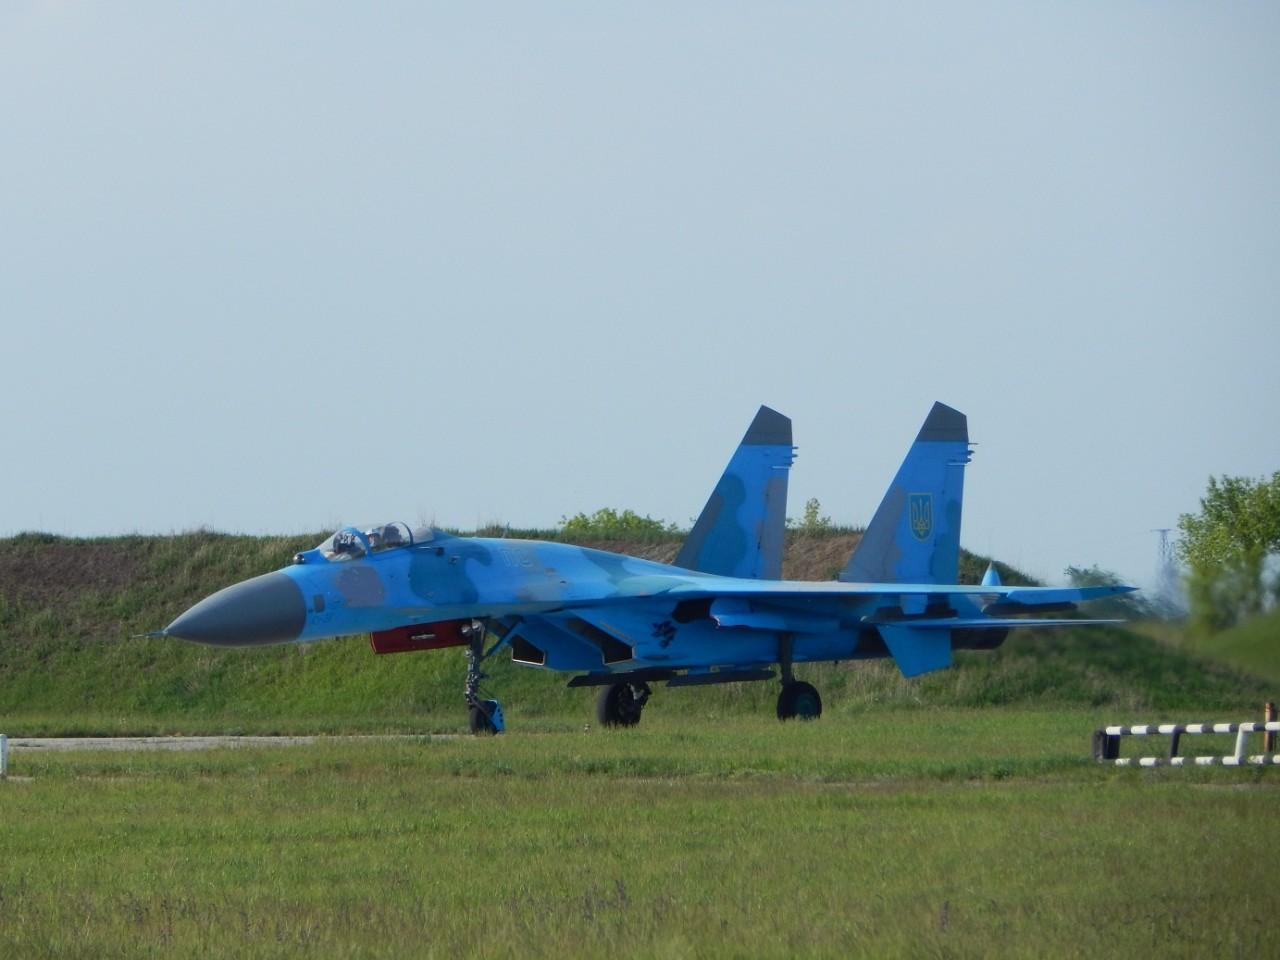 Українські військові льотчики виконали низку завдань на винищувачах - фото 2